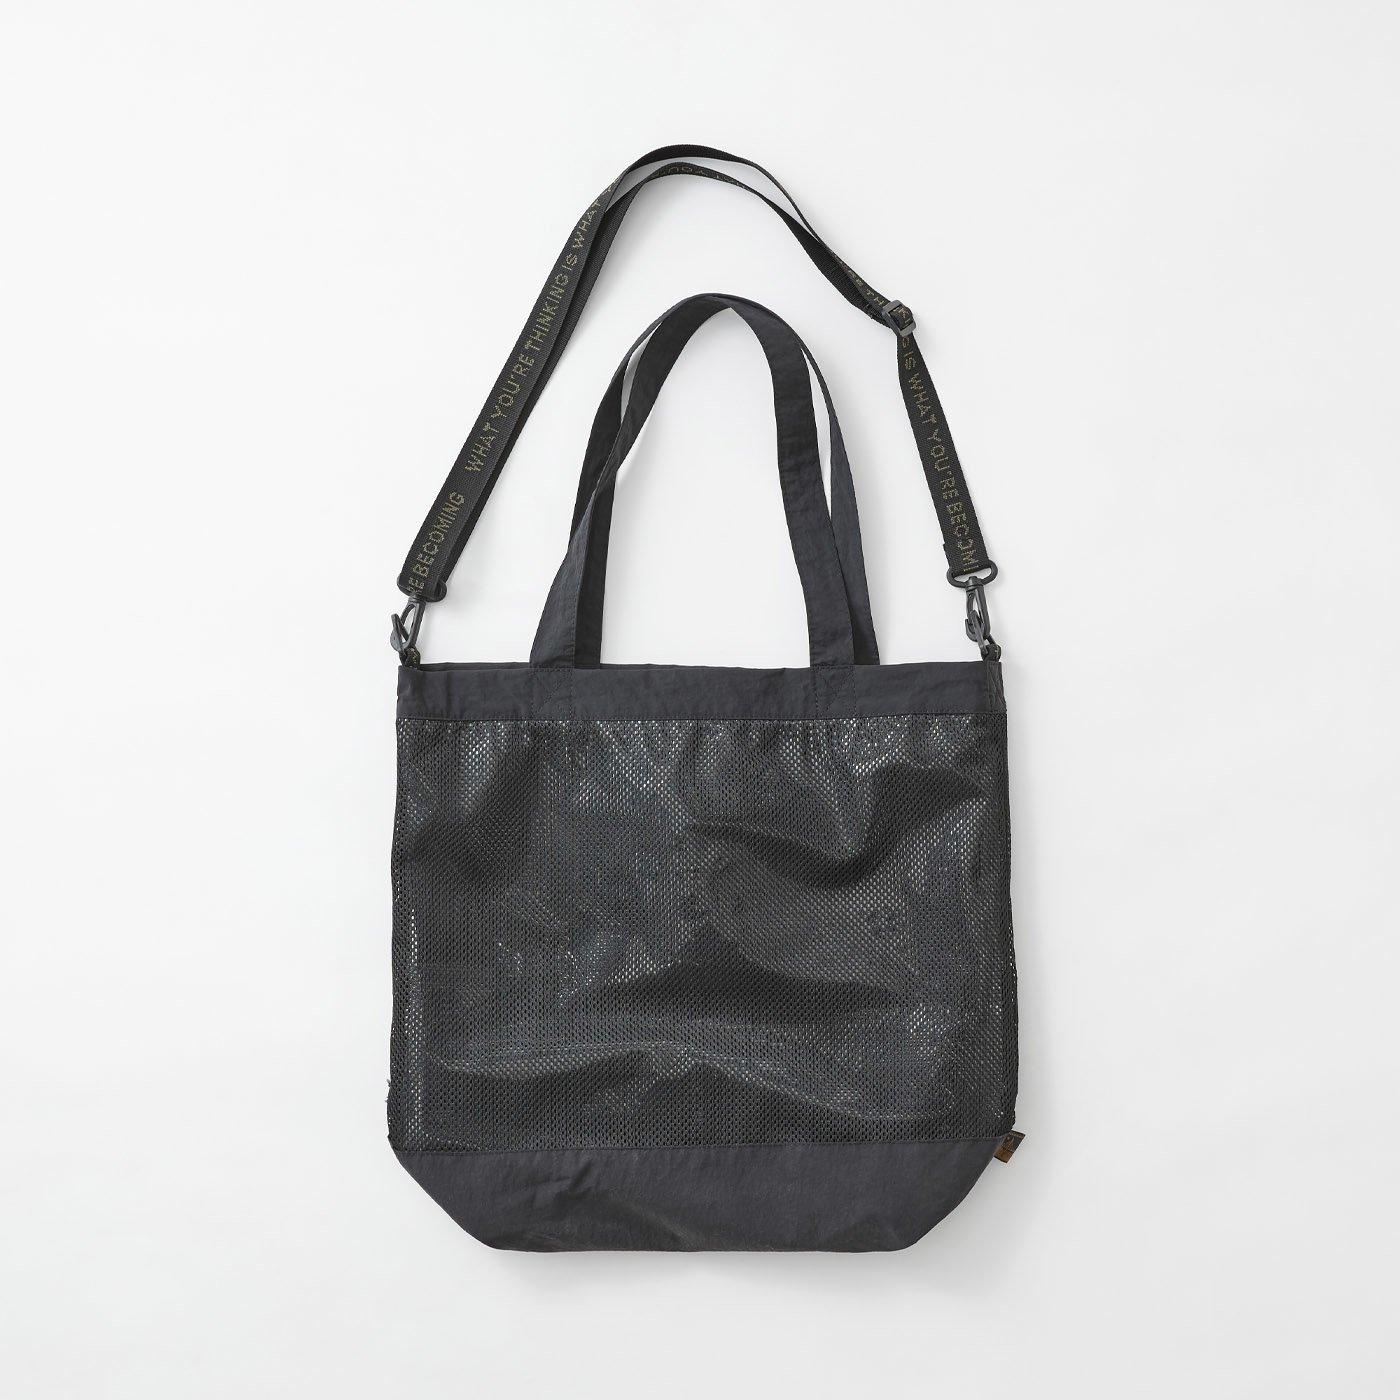 SUBLIME 2-wayトートバッグ〈黒〉